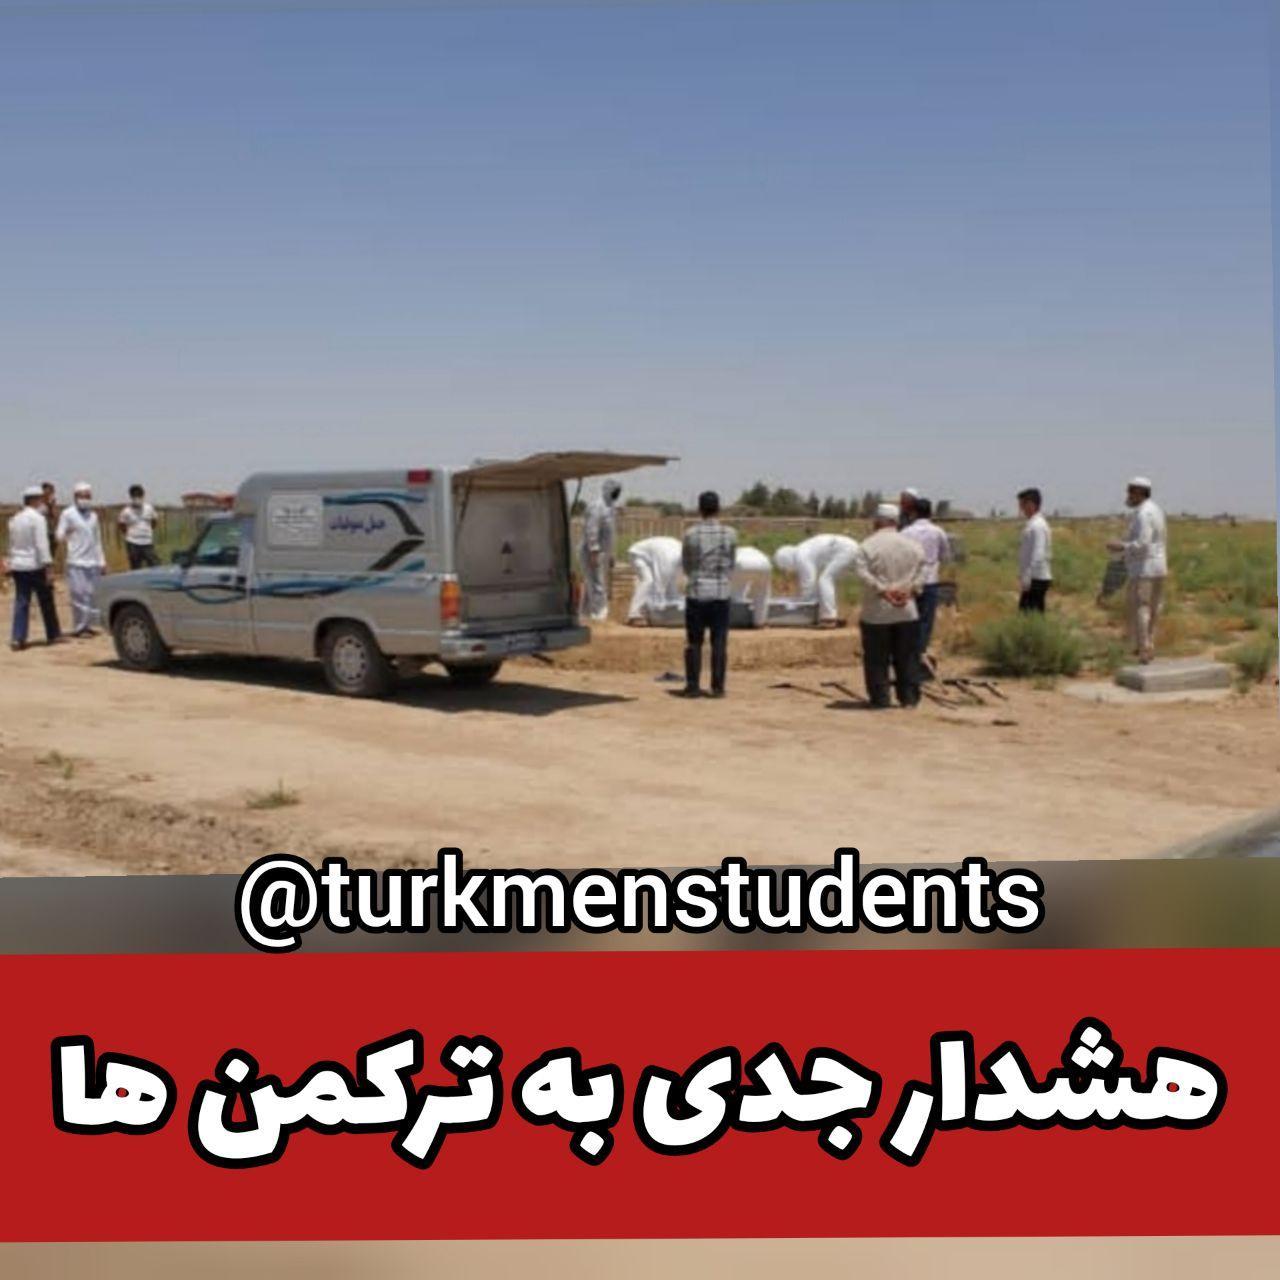 هشدار جدی به ترکمن ها